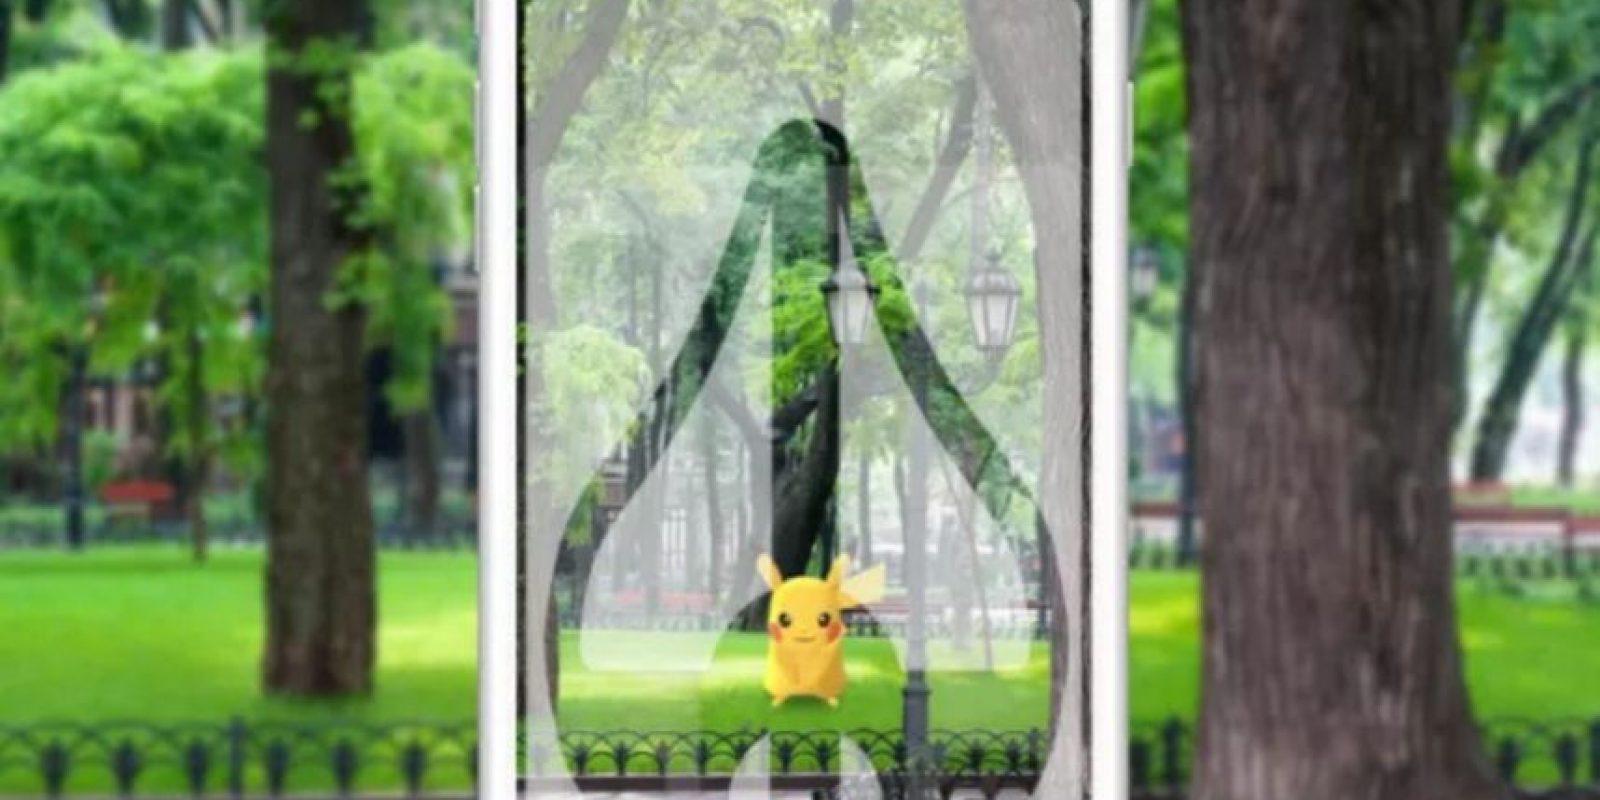 Así se ve el protector en un celular. Foto:Supershot Go. Imagen Por: